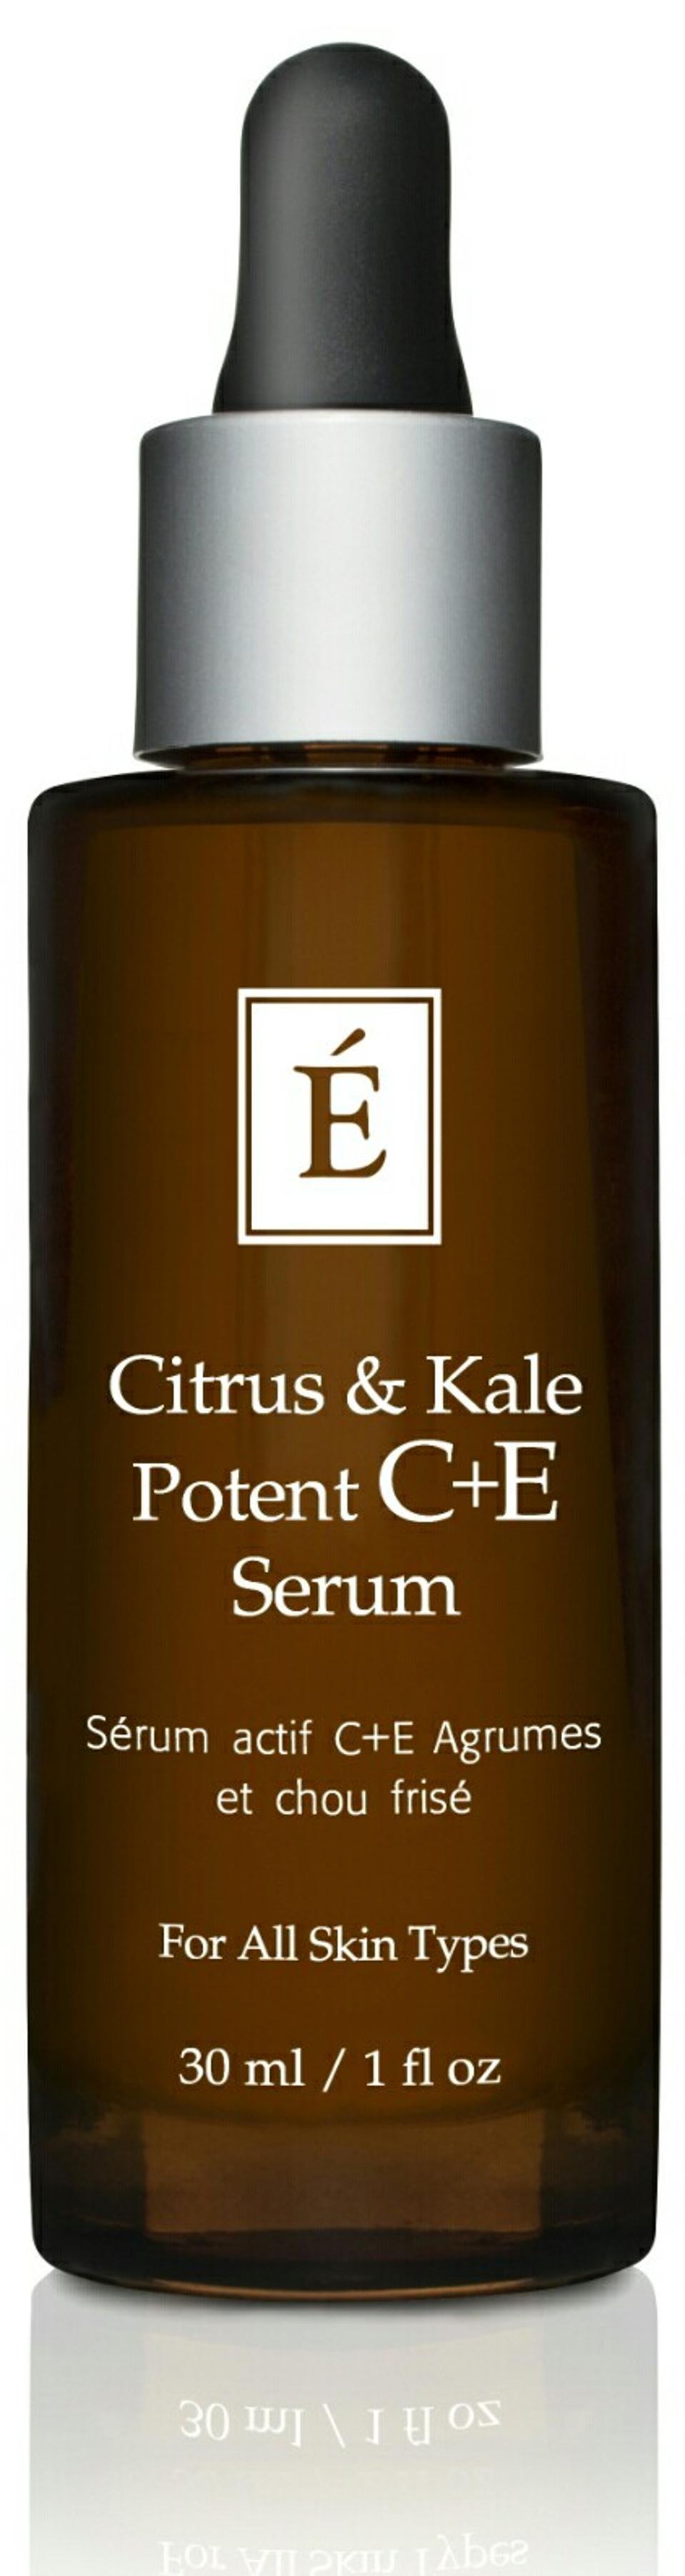 Eminence Organics' Citrus & Kale Potent C+E Serum